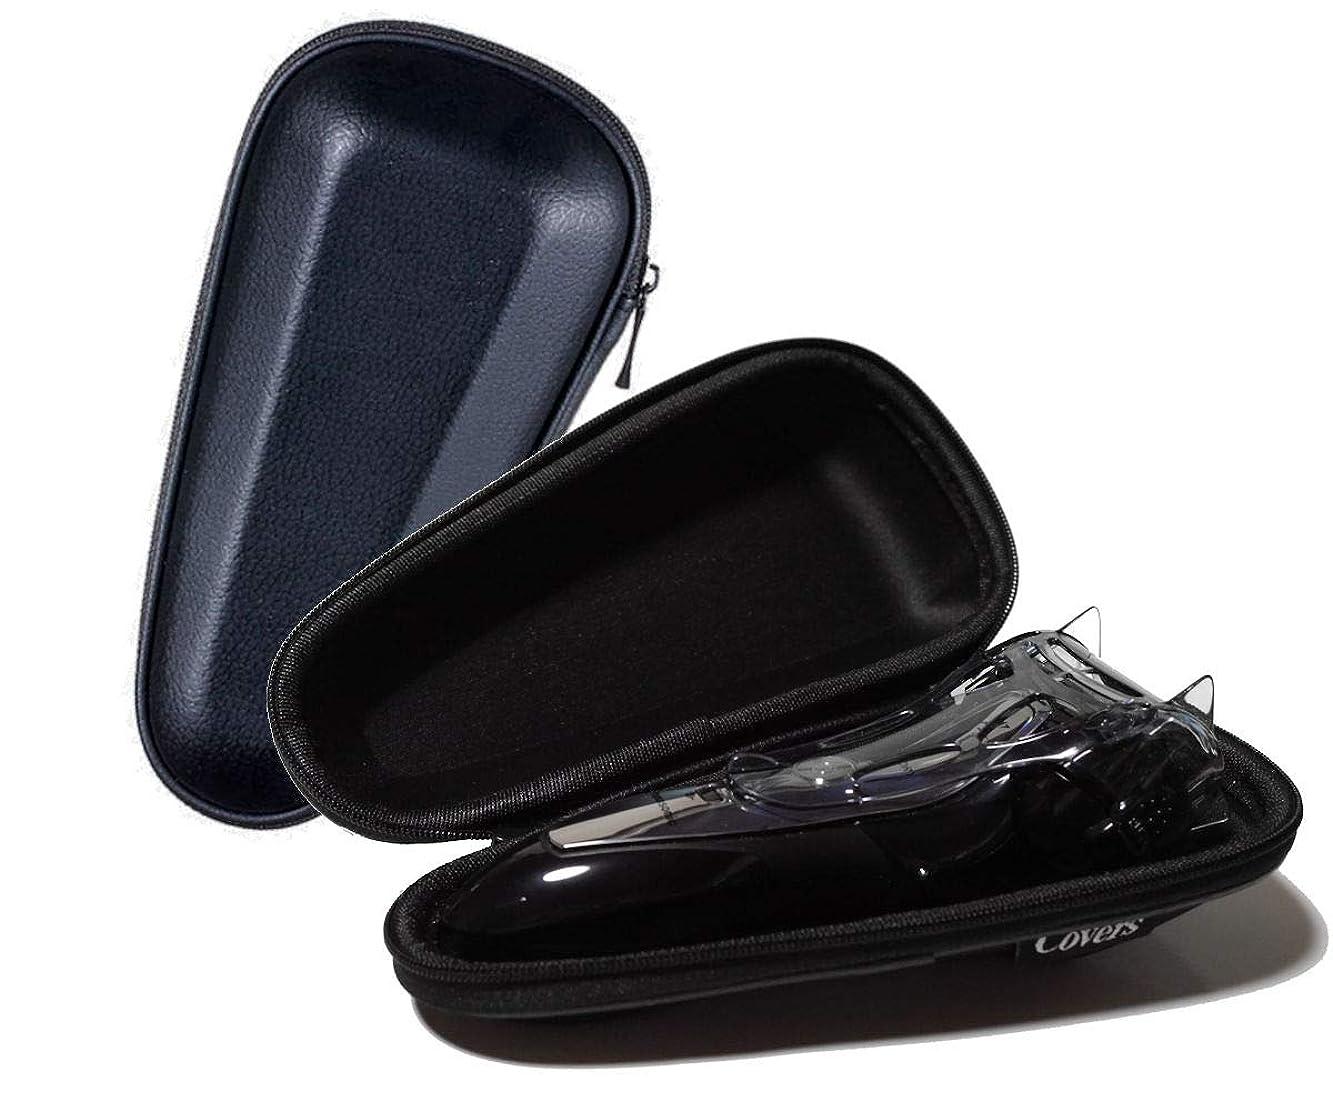 頭痛暗記する分析するCovers メンズシェーバー用 収納ケース パナソニック(Panasonic) ラムダッシュ 専用互換 対応品番ES-2L13